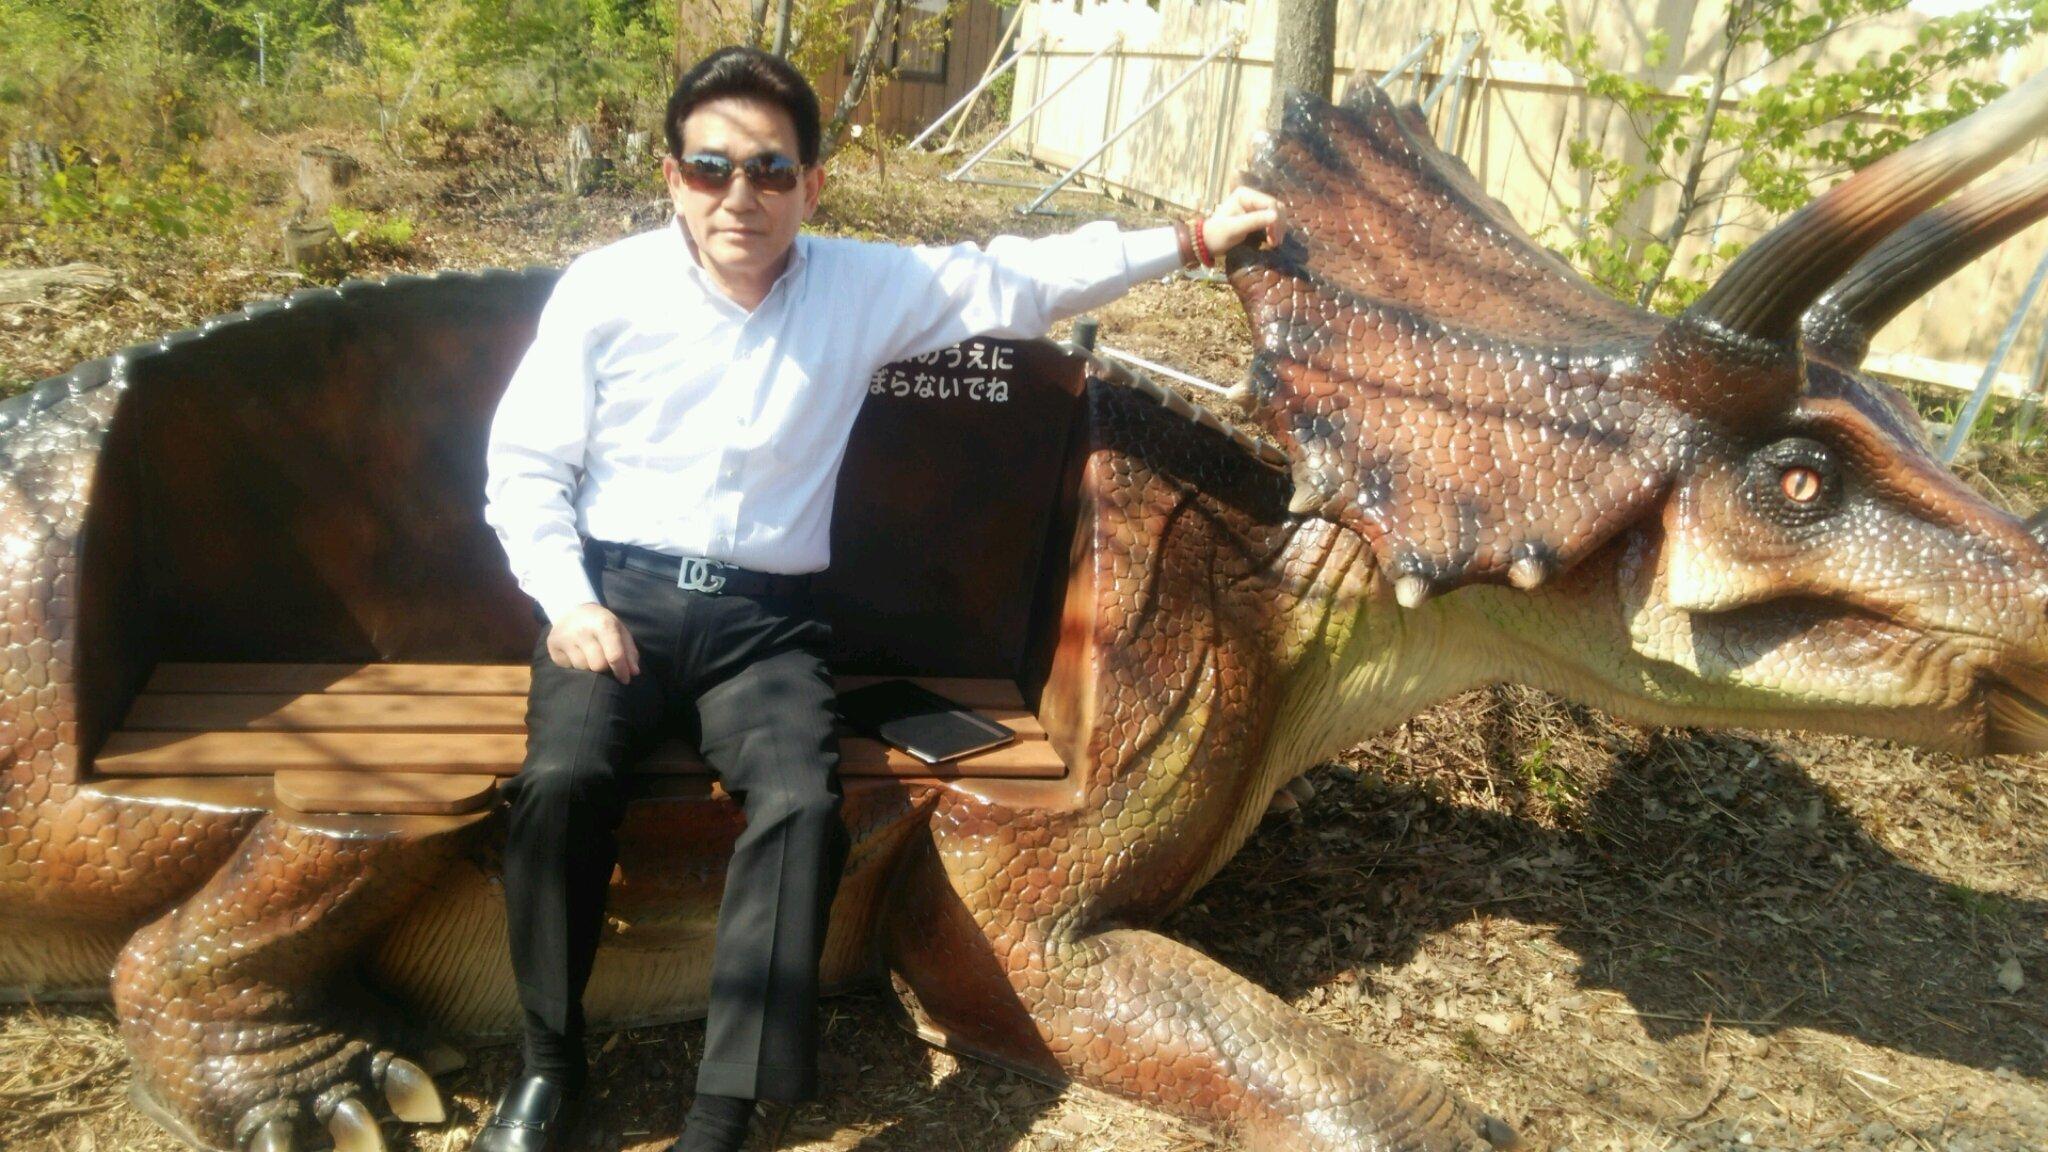 恐竜博物館へ行き、ビックリがいっぱい! 福井は最高!_e0119092_11025846.jpg